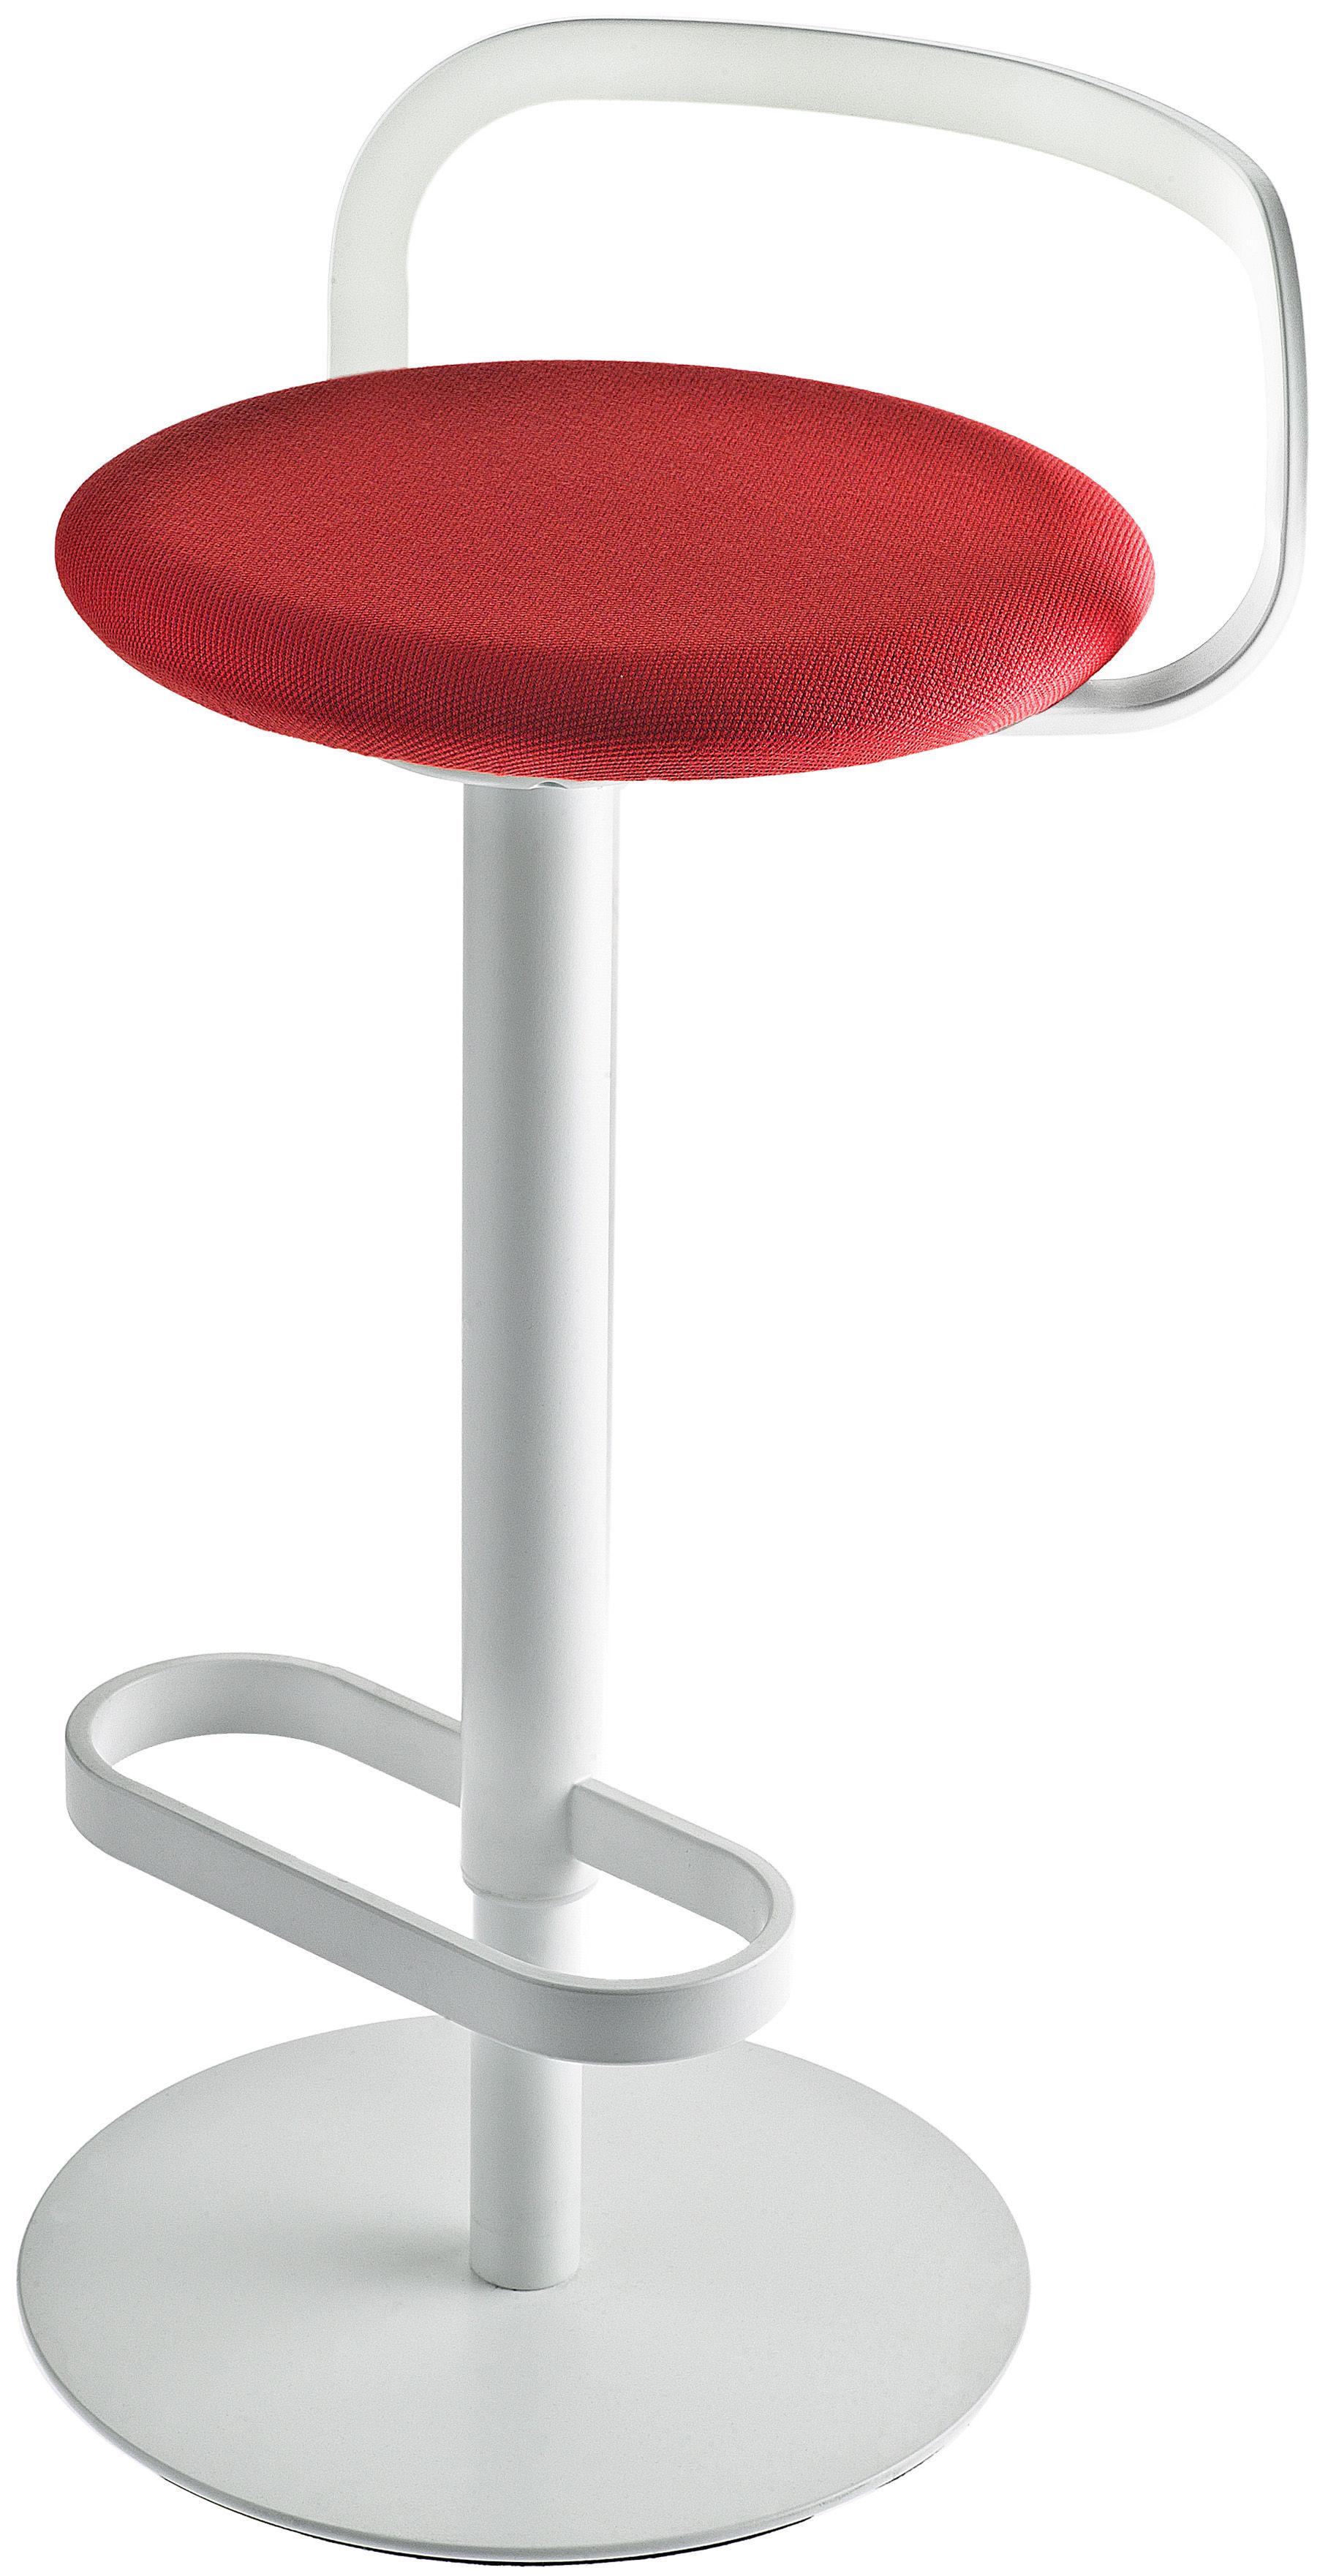 Möbel - Barhocker - Mak Höhenverstellbarer Barhocker / Drehhocker - gepolsterte Sitzfläche mit Stoffbezug - Lapalma - Sitzfläche mit rotem Stoffbezug / Fußgestell weiß - Gewebe, rostfreier lackierter Stahl